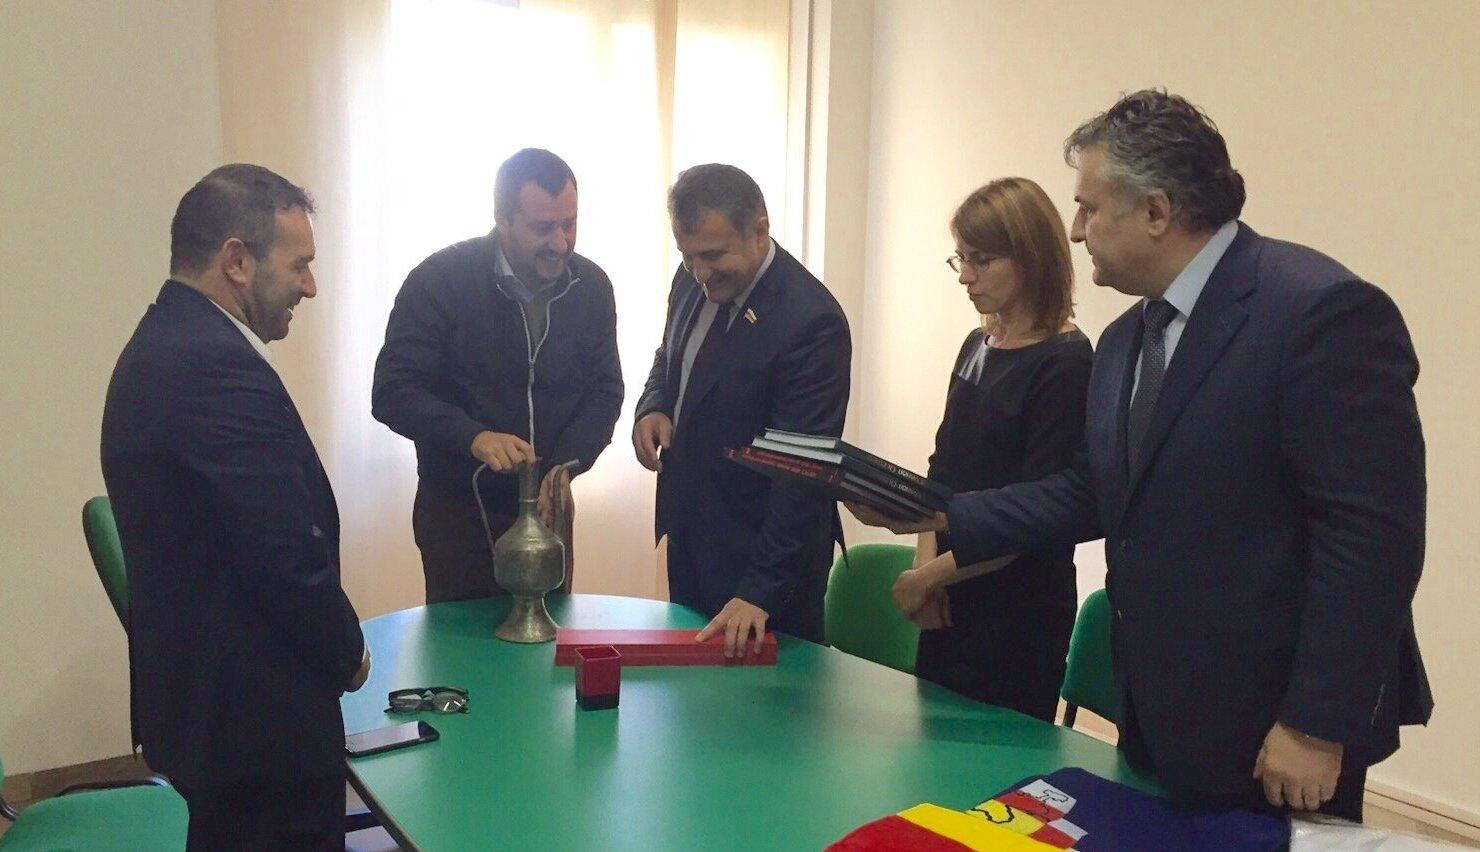 Встреча спикера парламента РЮО Анатолия Бибилова с лидером партии Лига Севера Маттео Сальвини